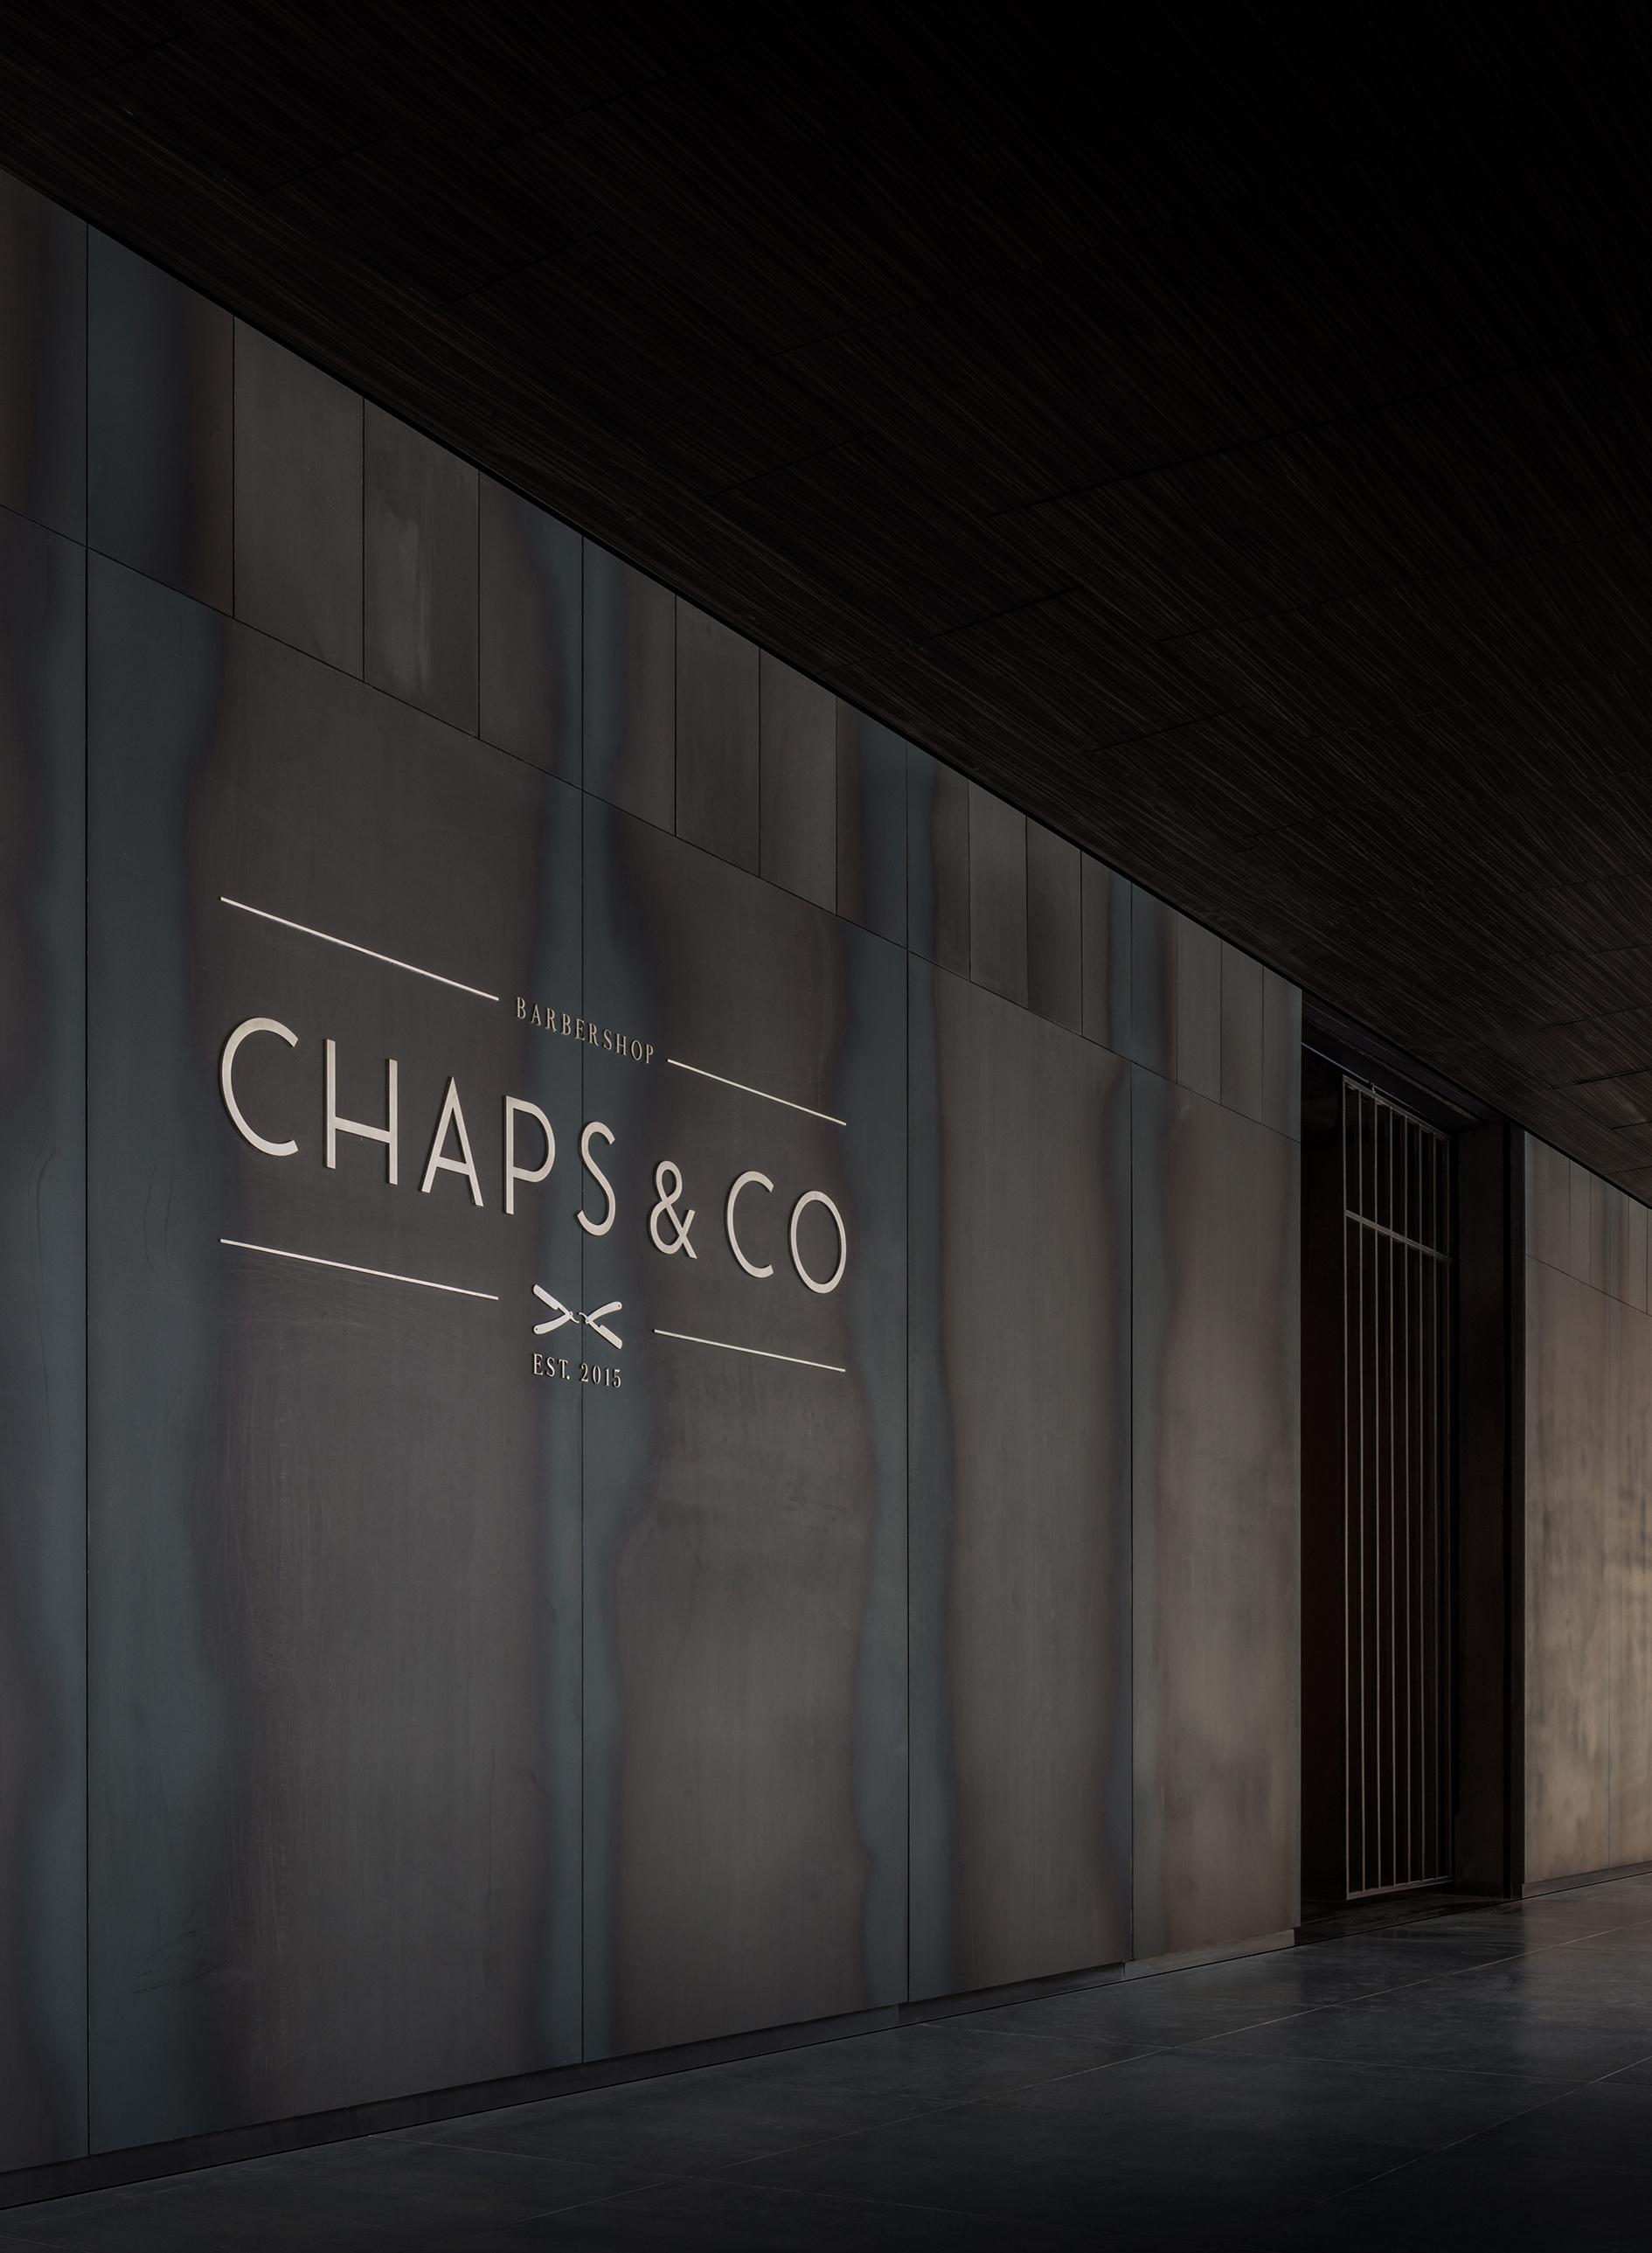 Chaps & Co D3